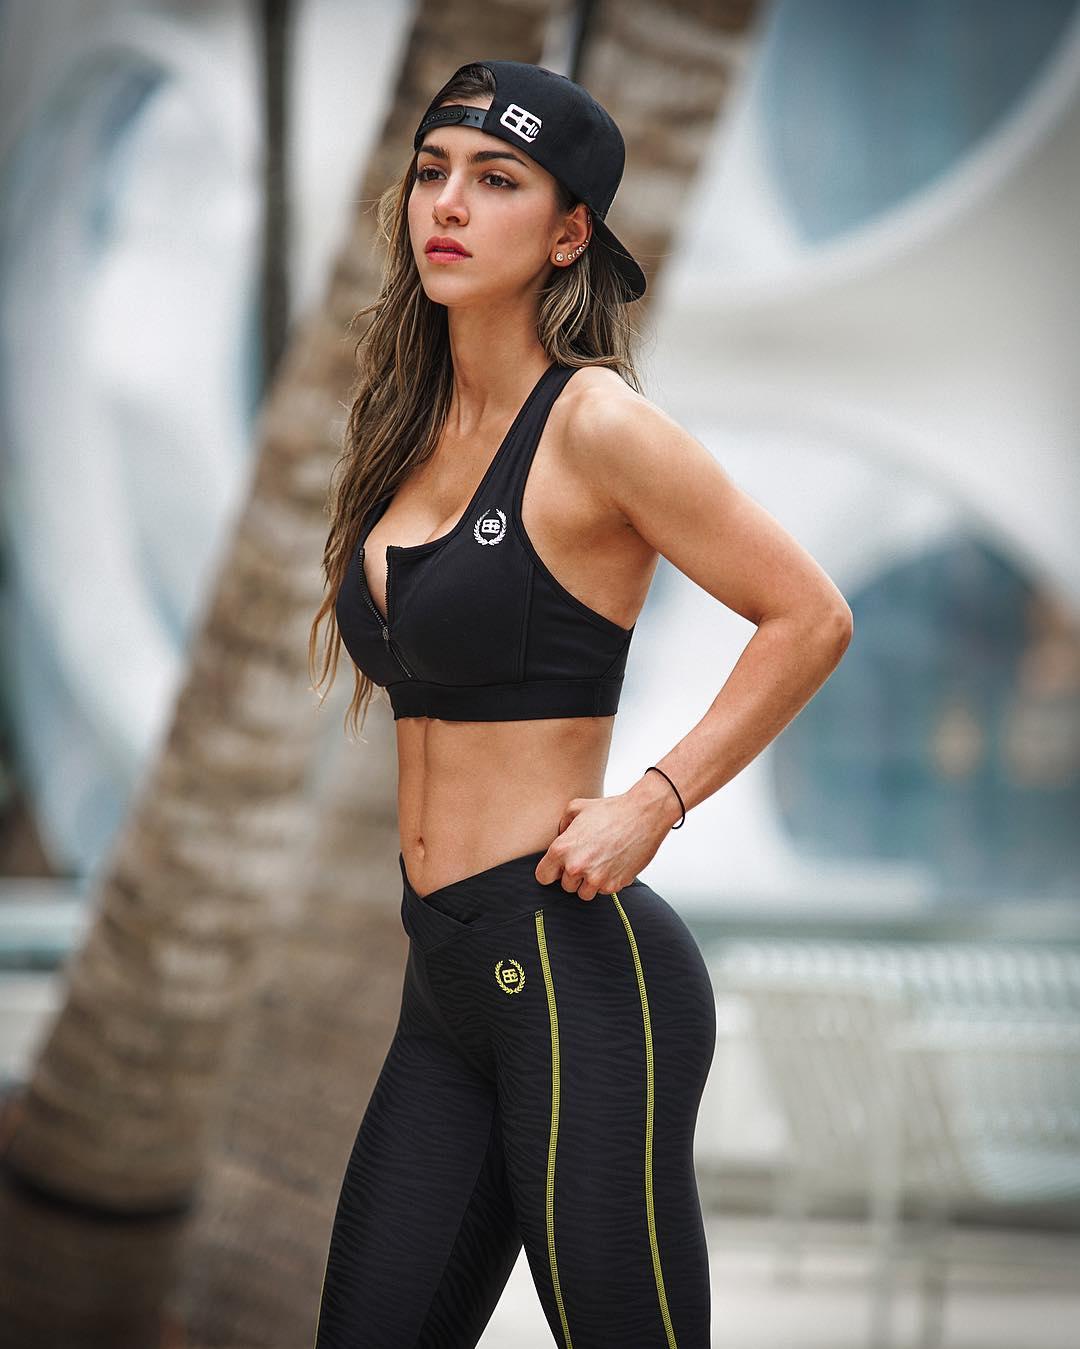 Paola Maiolini